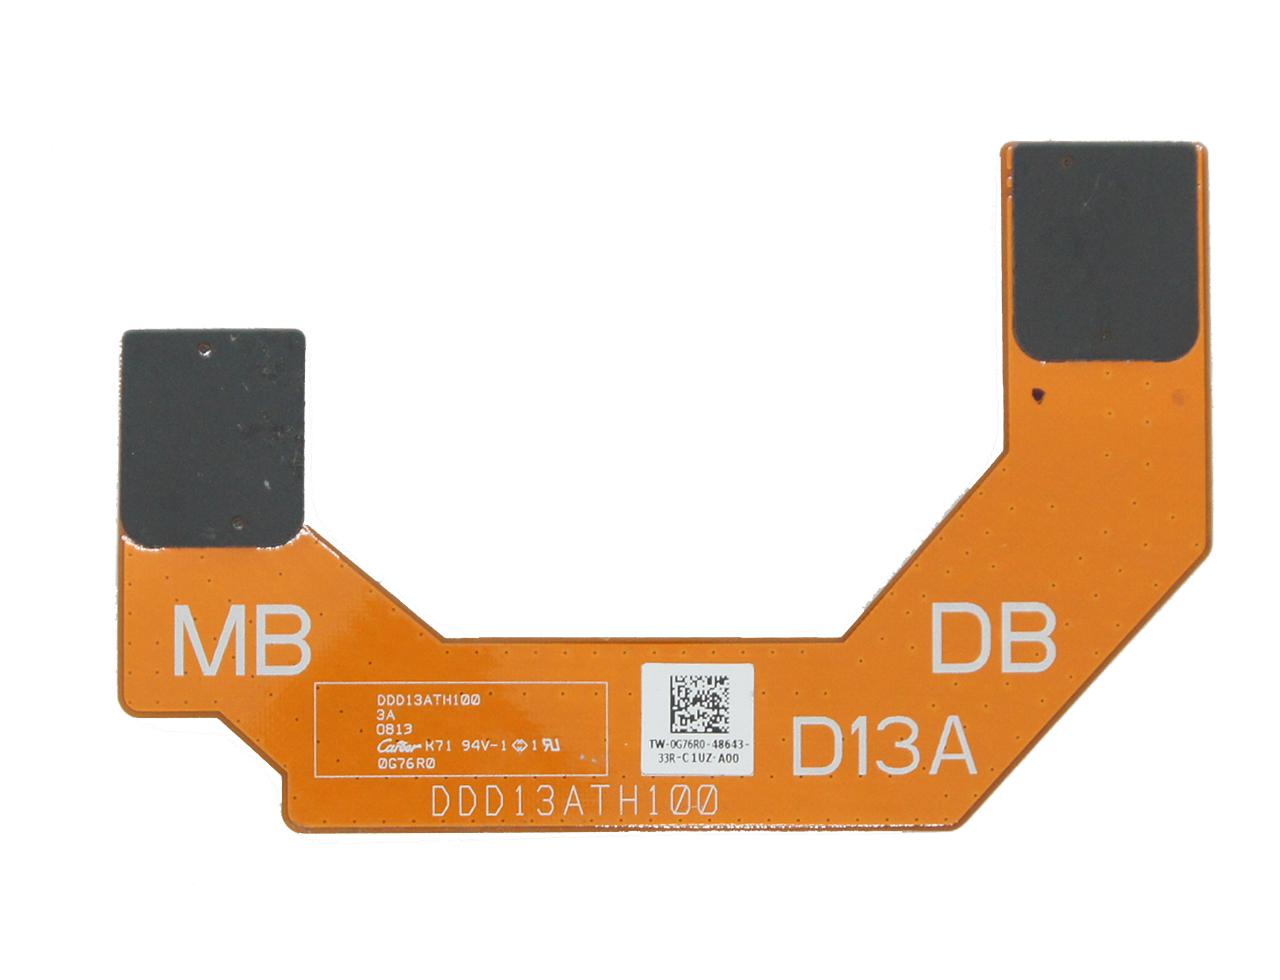 新到货50pcs 戴尔Dell Ultrabook XPS 13 L321x I/O SATA Ribbon Cable 0G76R0 DDD13ATH100 排线